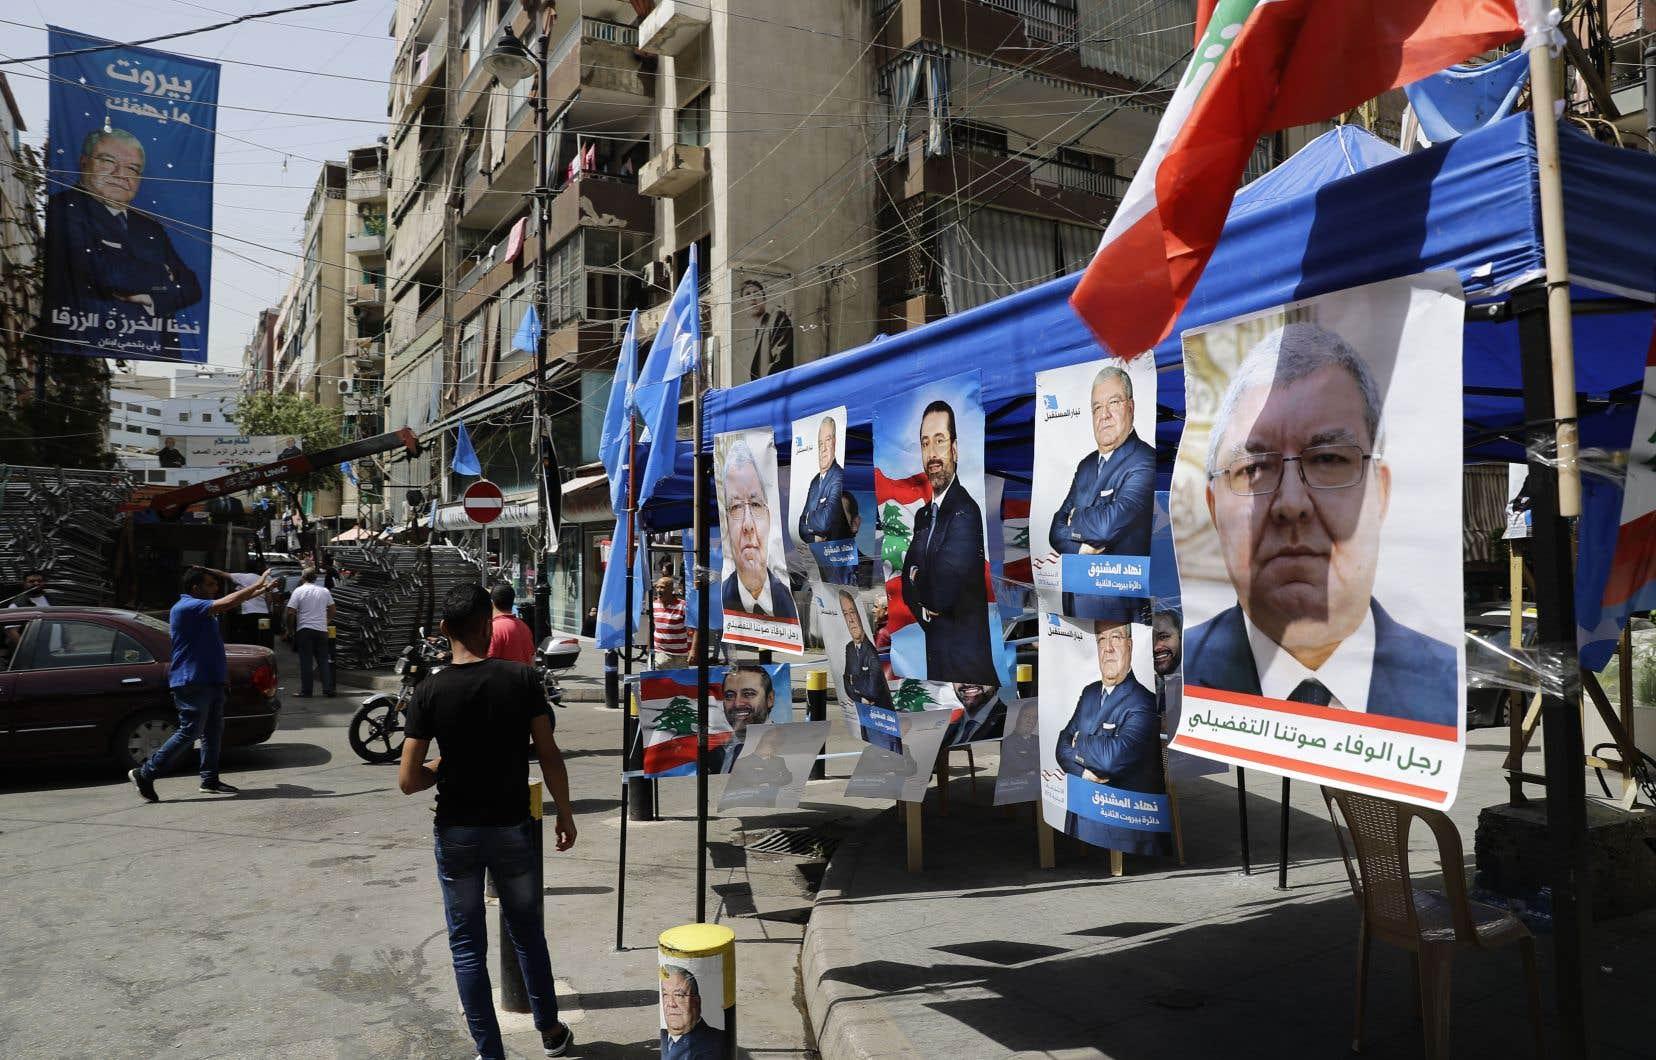 Une pancarte électorale à l'effigie du premier ministre, Saad Hariri (au centre), côtoie celles de l'actuel ministre de l'Intérieur, Nohad Machnouk, dans un quartier résidentiel de Beyrouth.